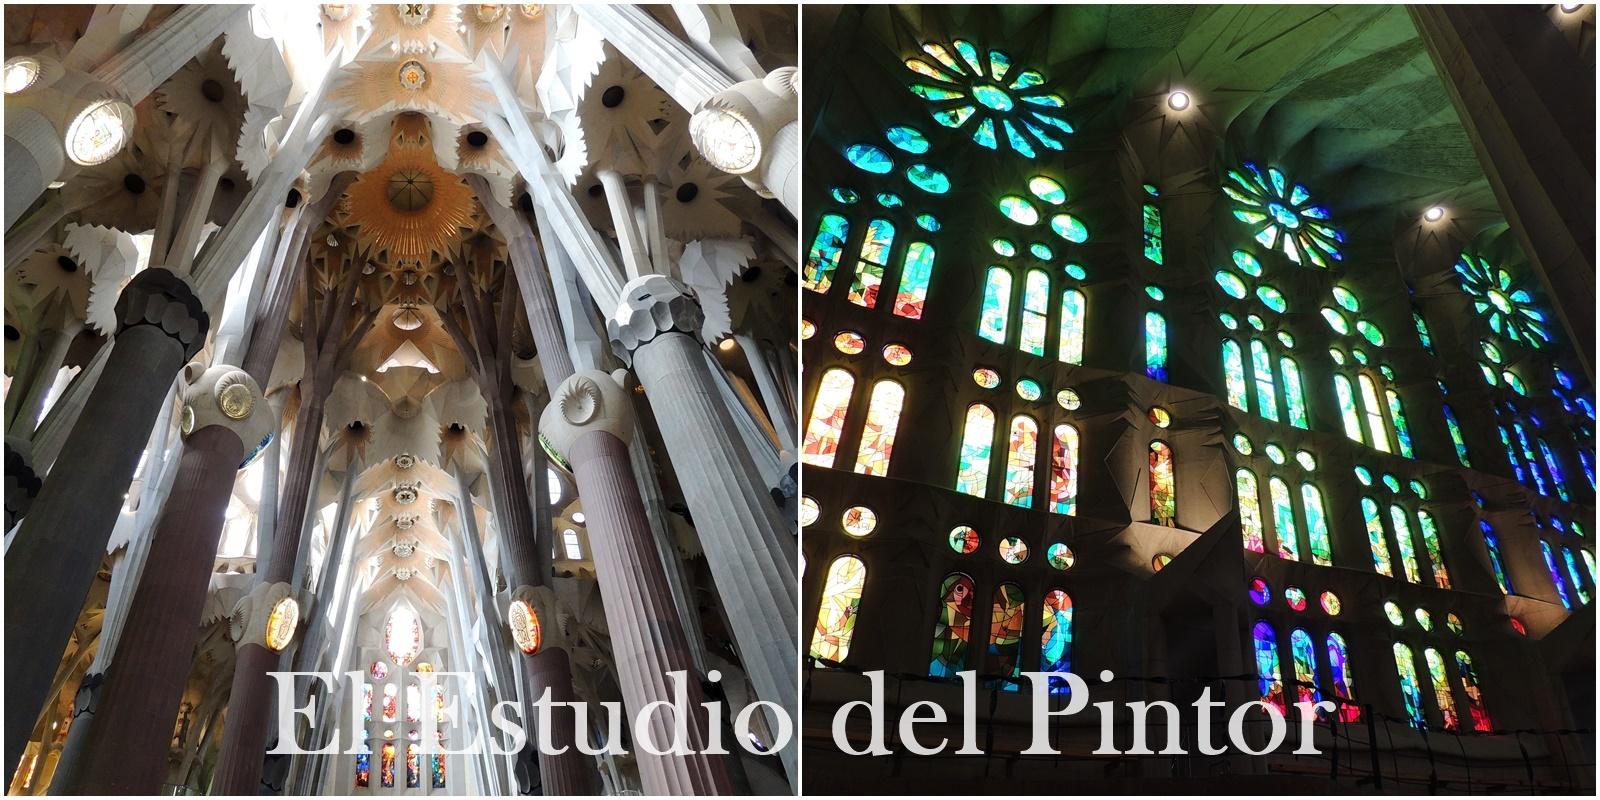 2. Sagrada Familia Interior, Gaudí